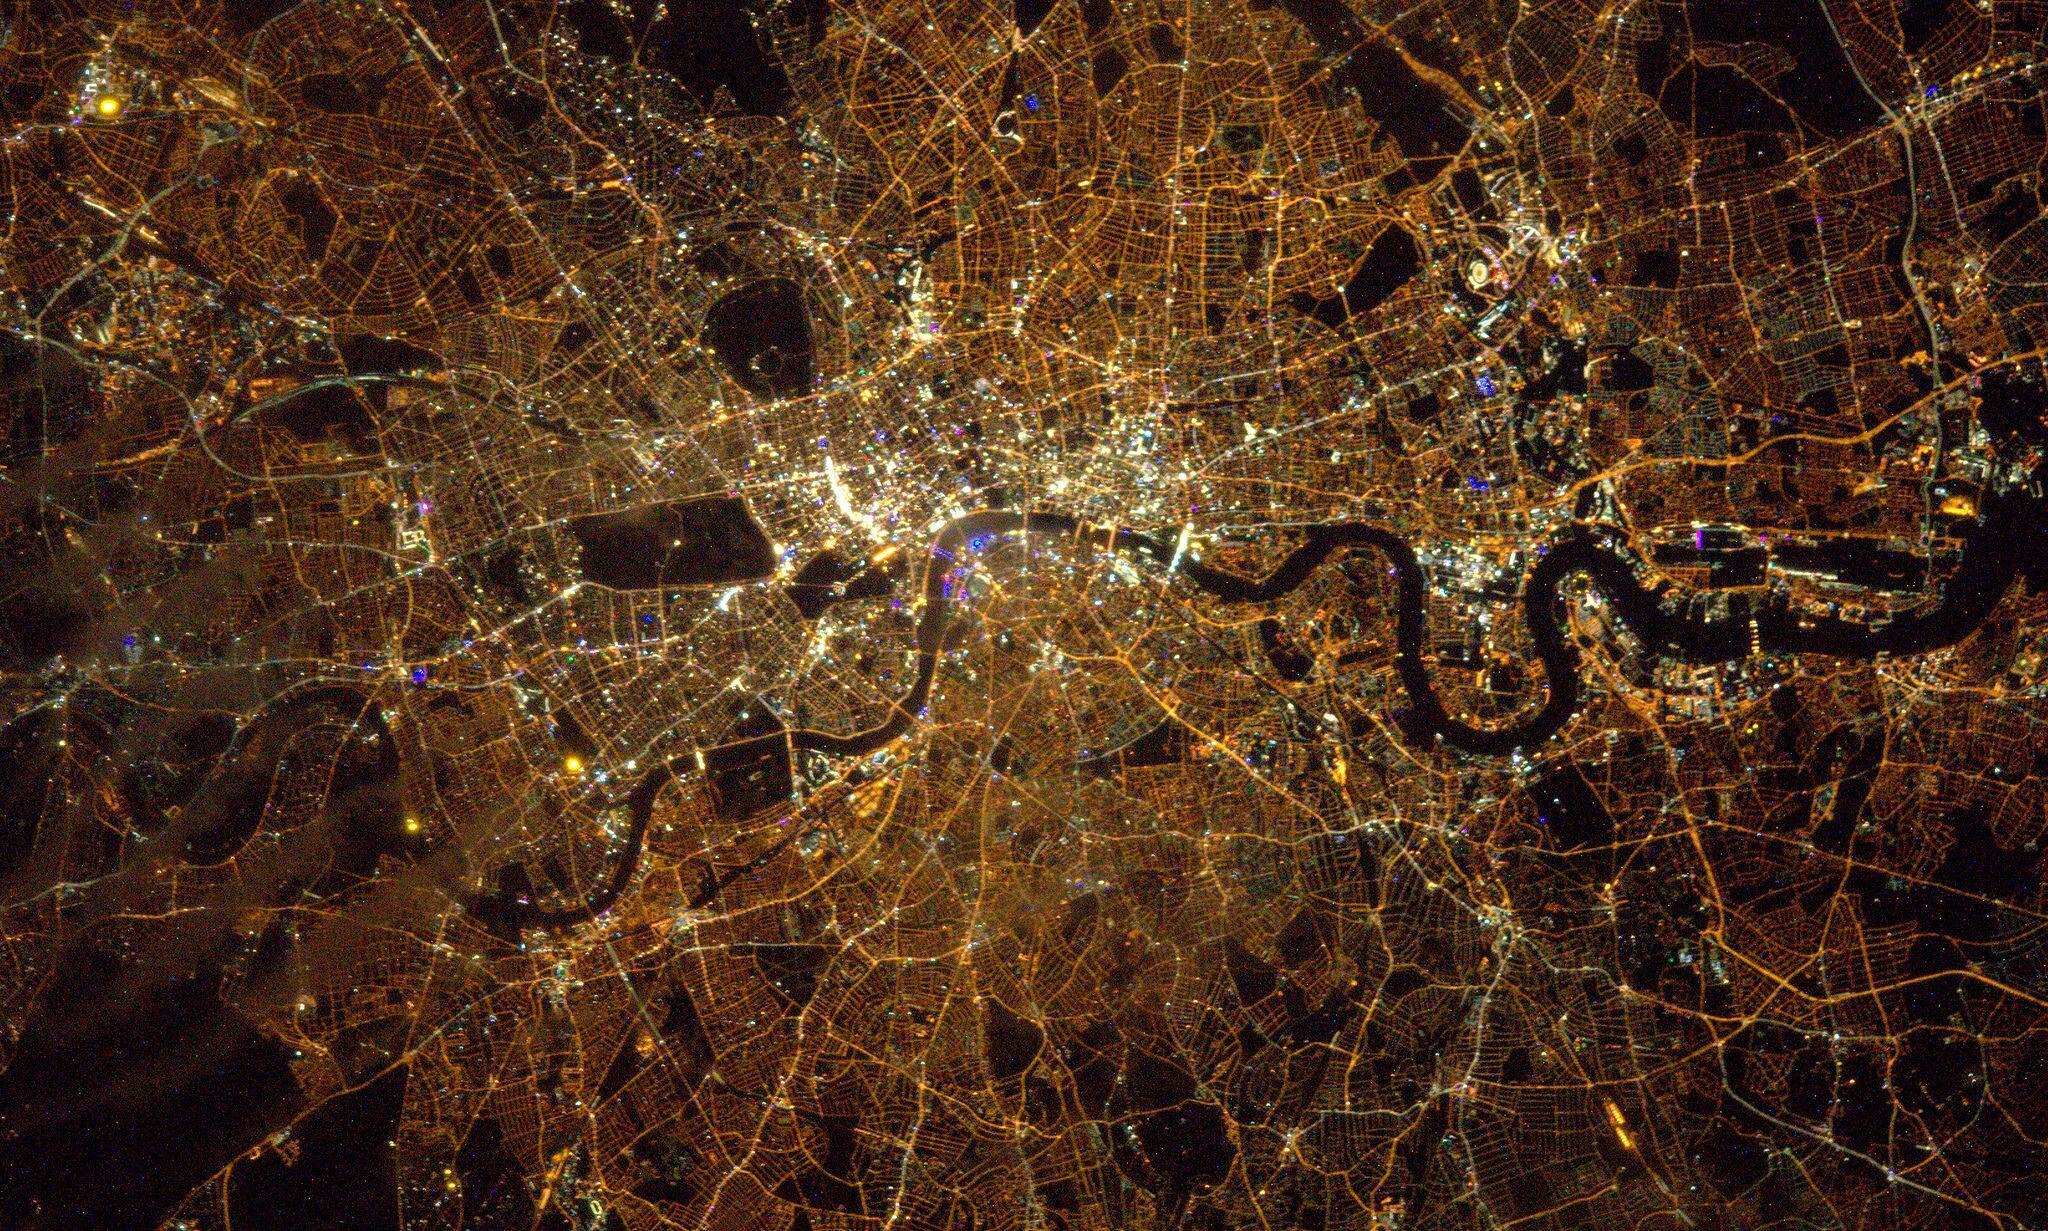 Bild zu London, Nachtleben, Satellit